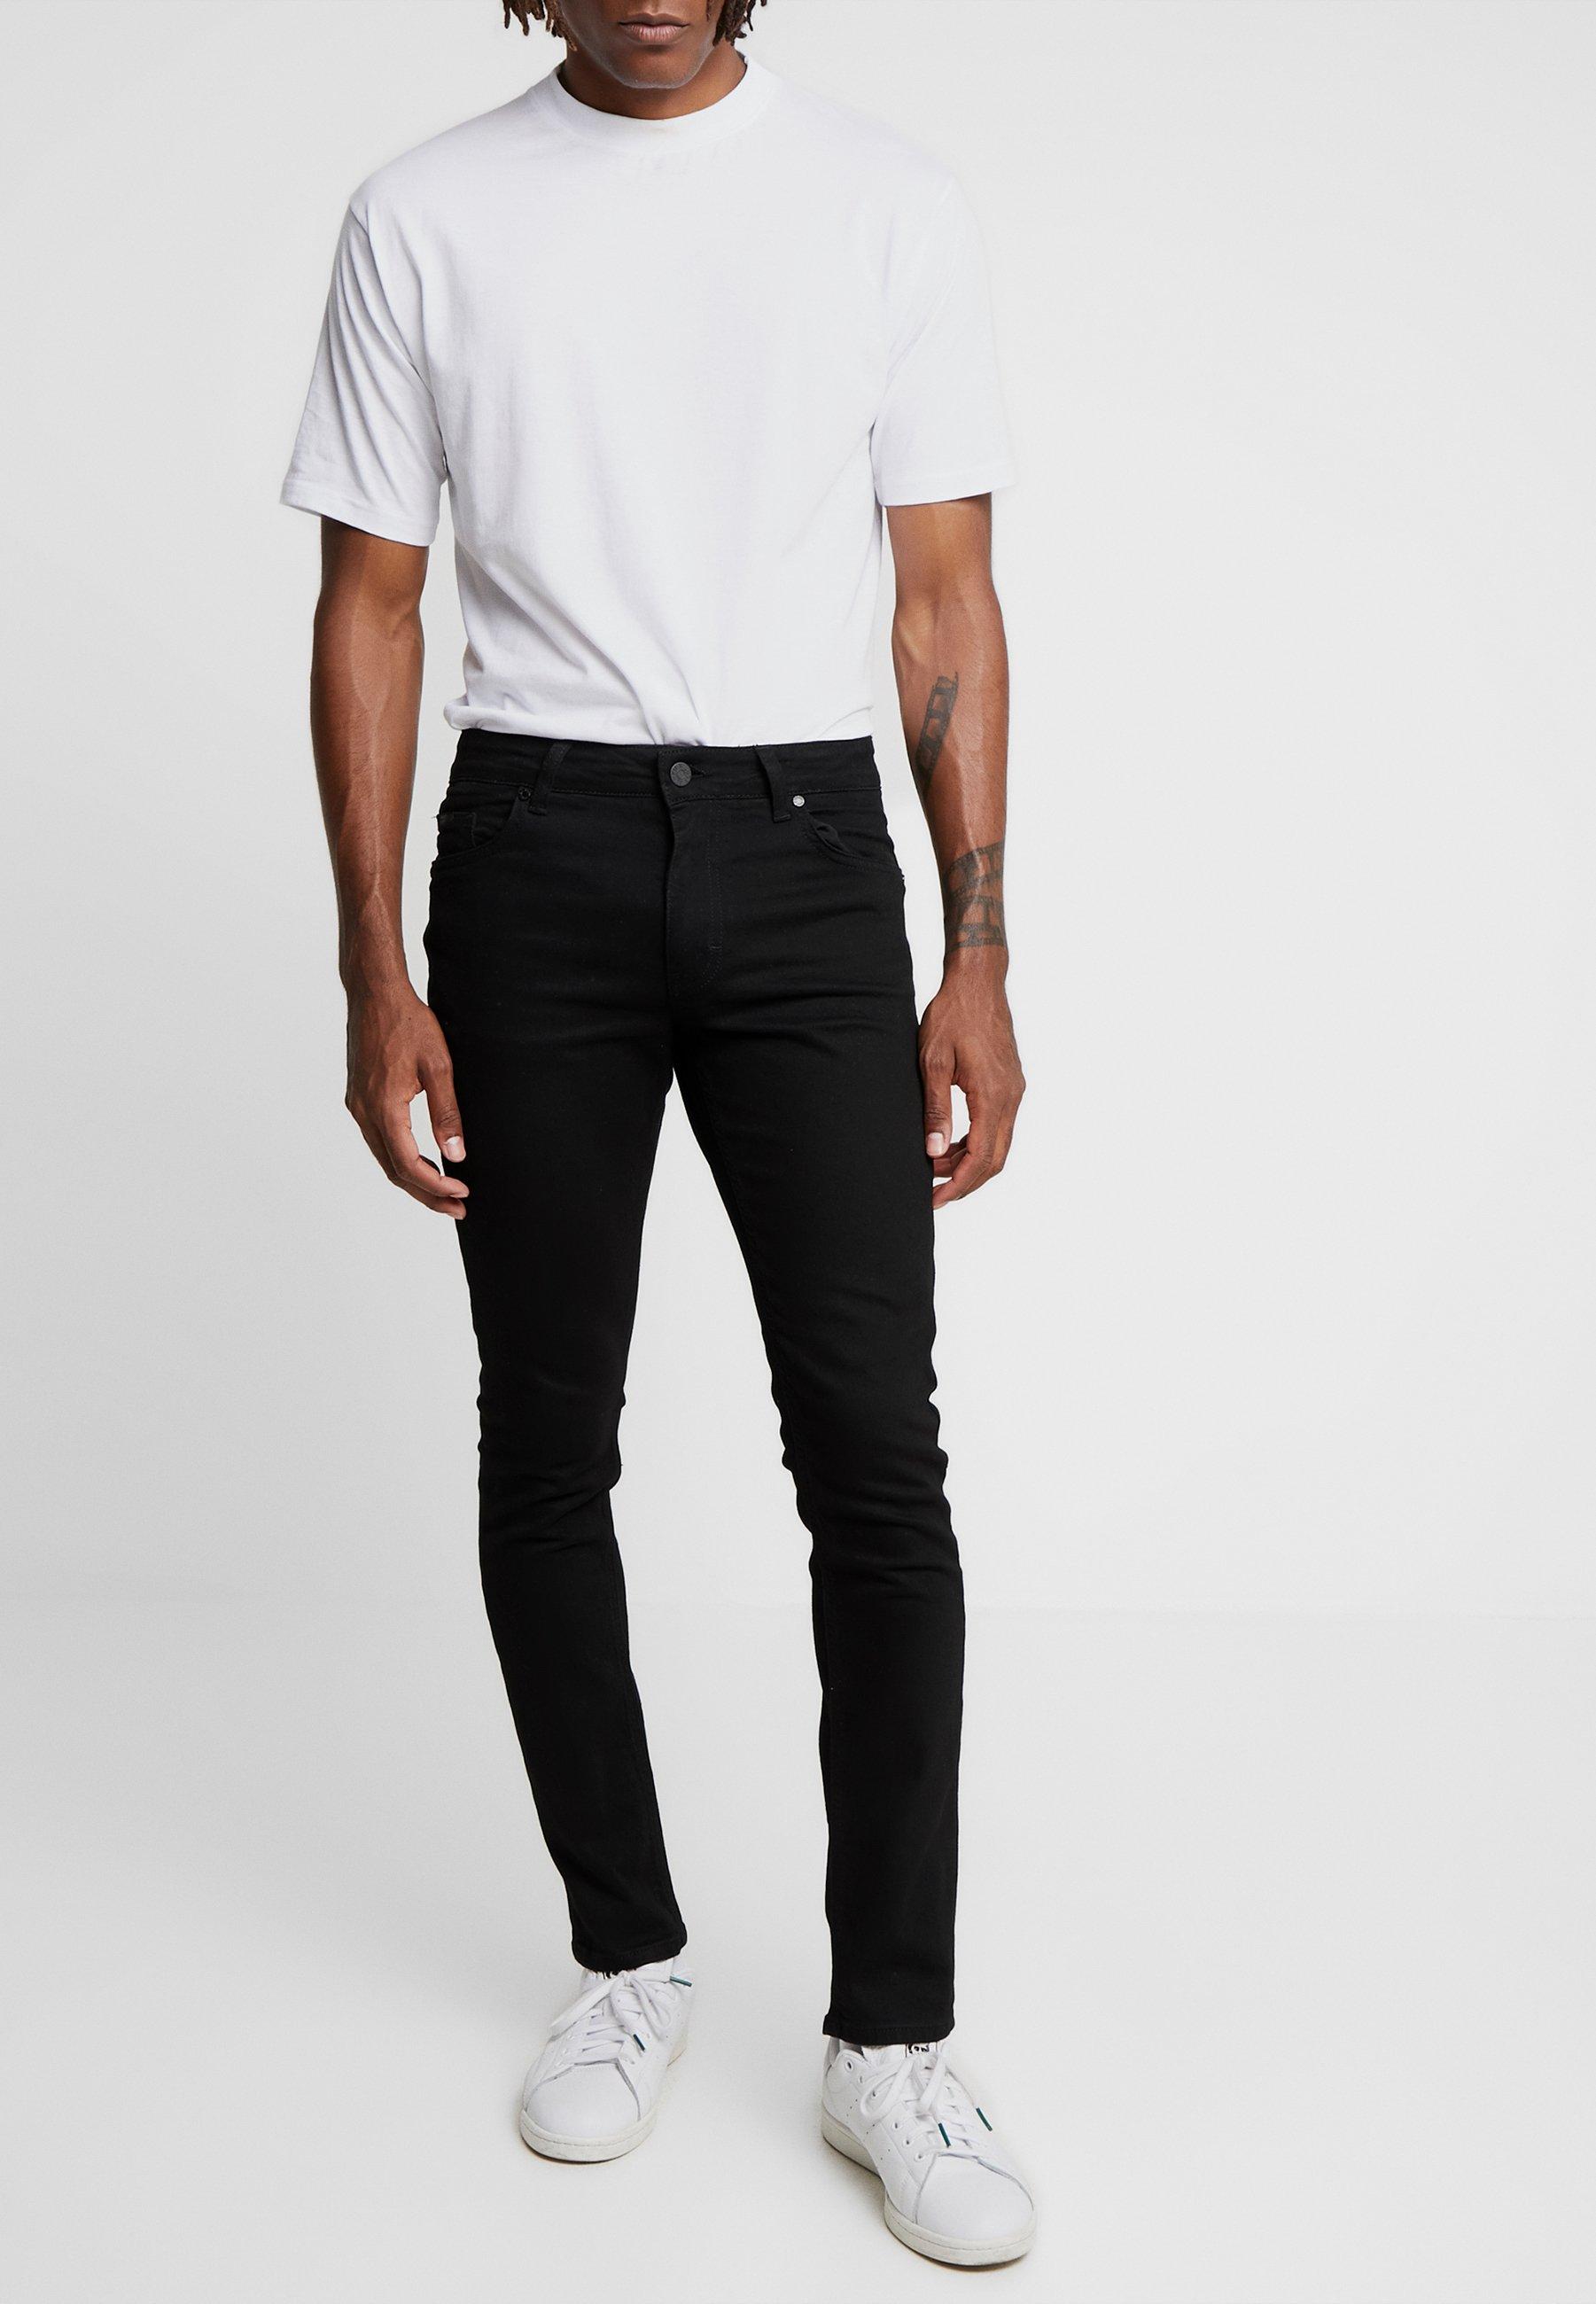 Just Junkies Slim Black Jeff NewJean 7fy6gb